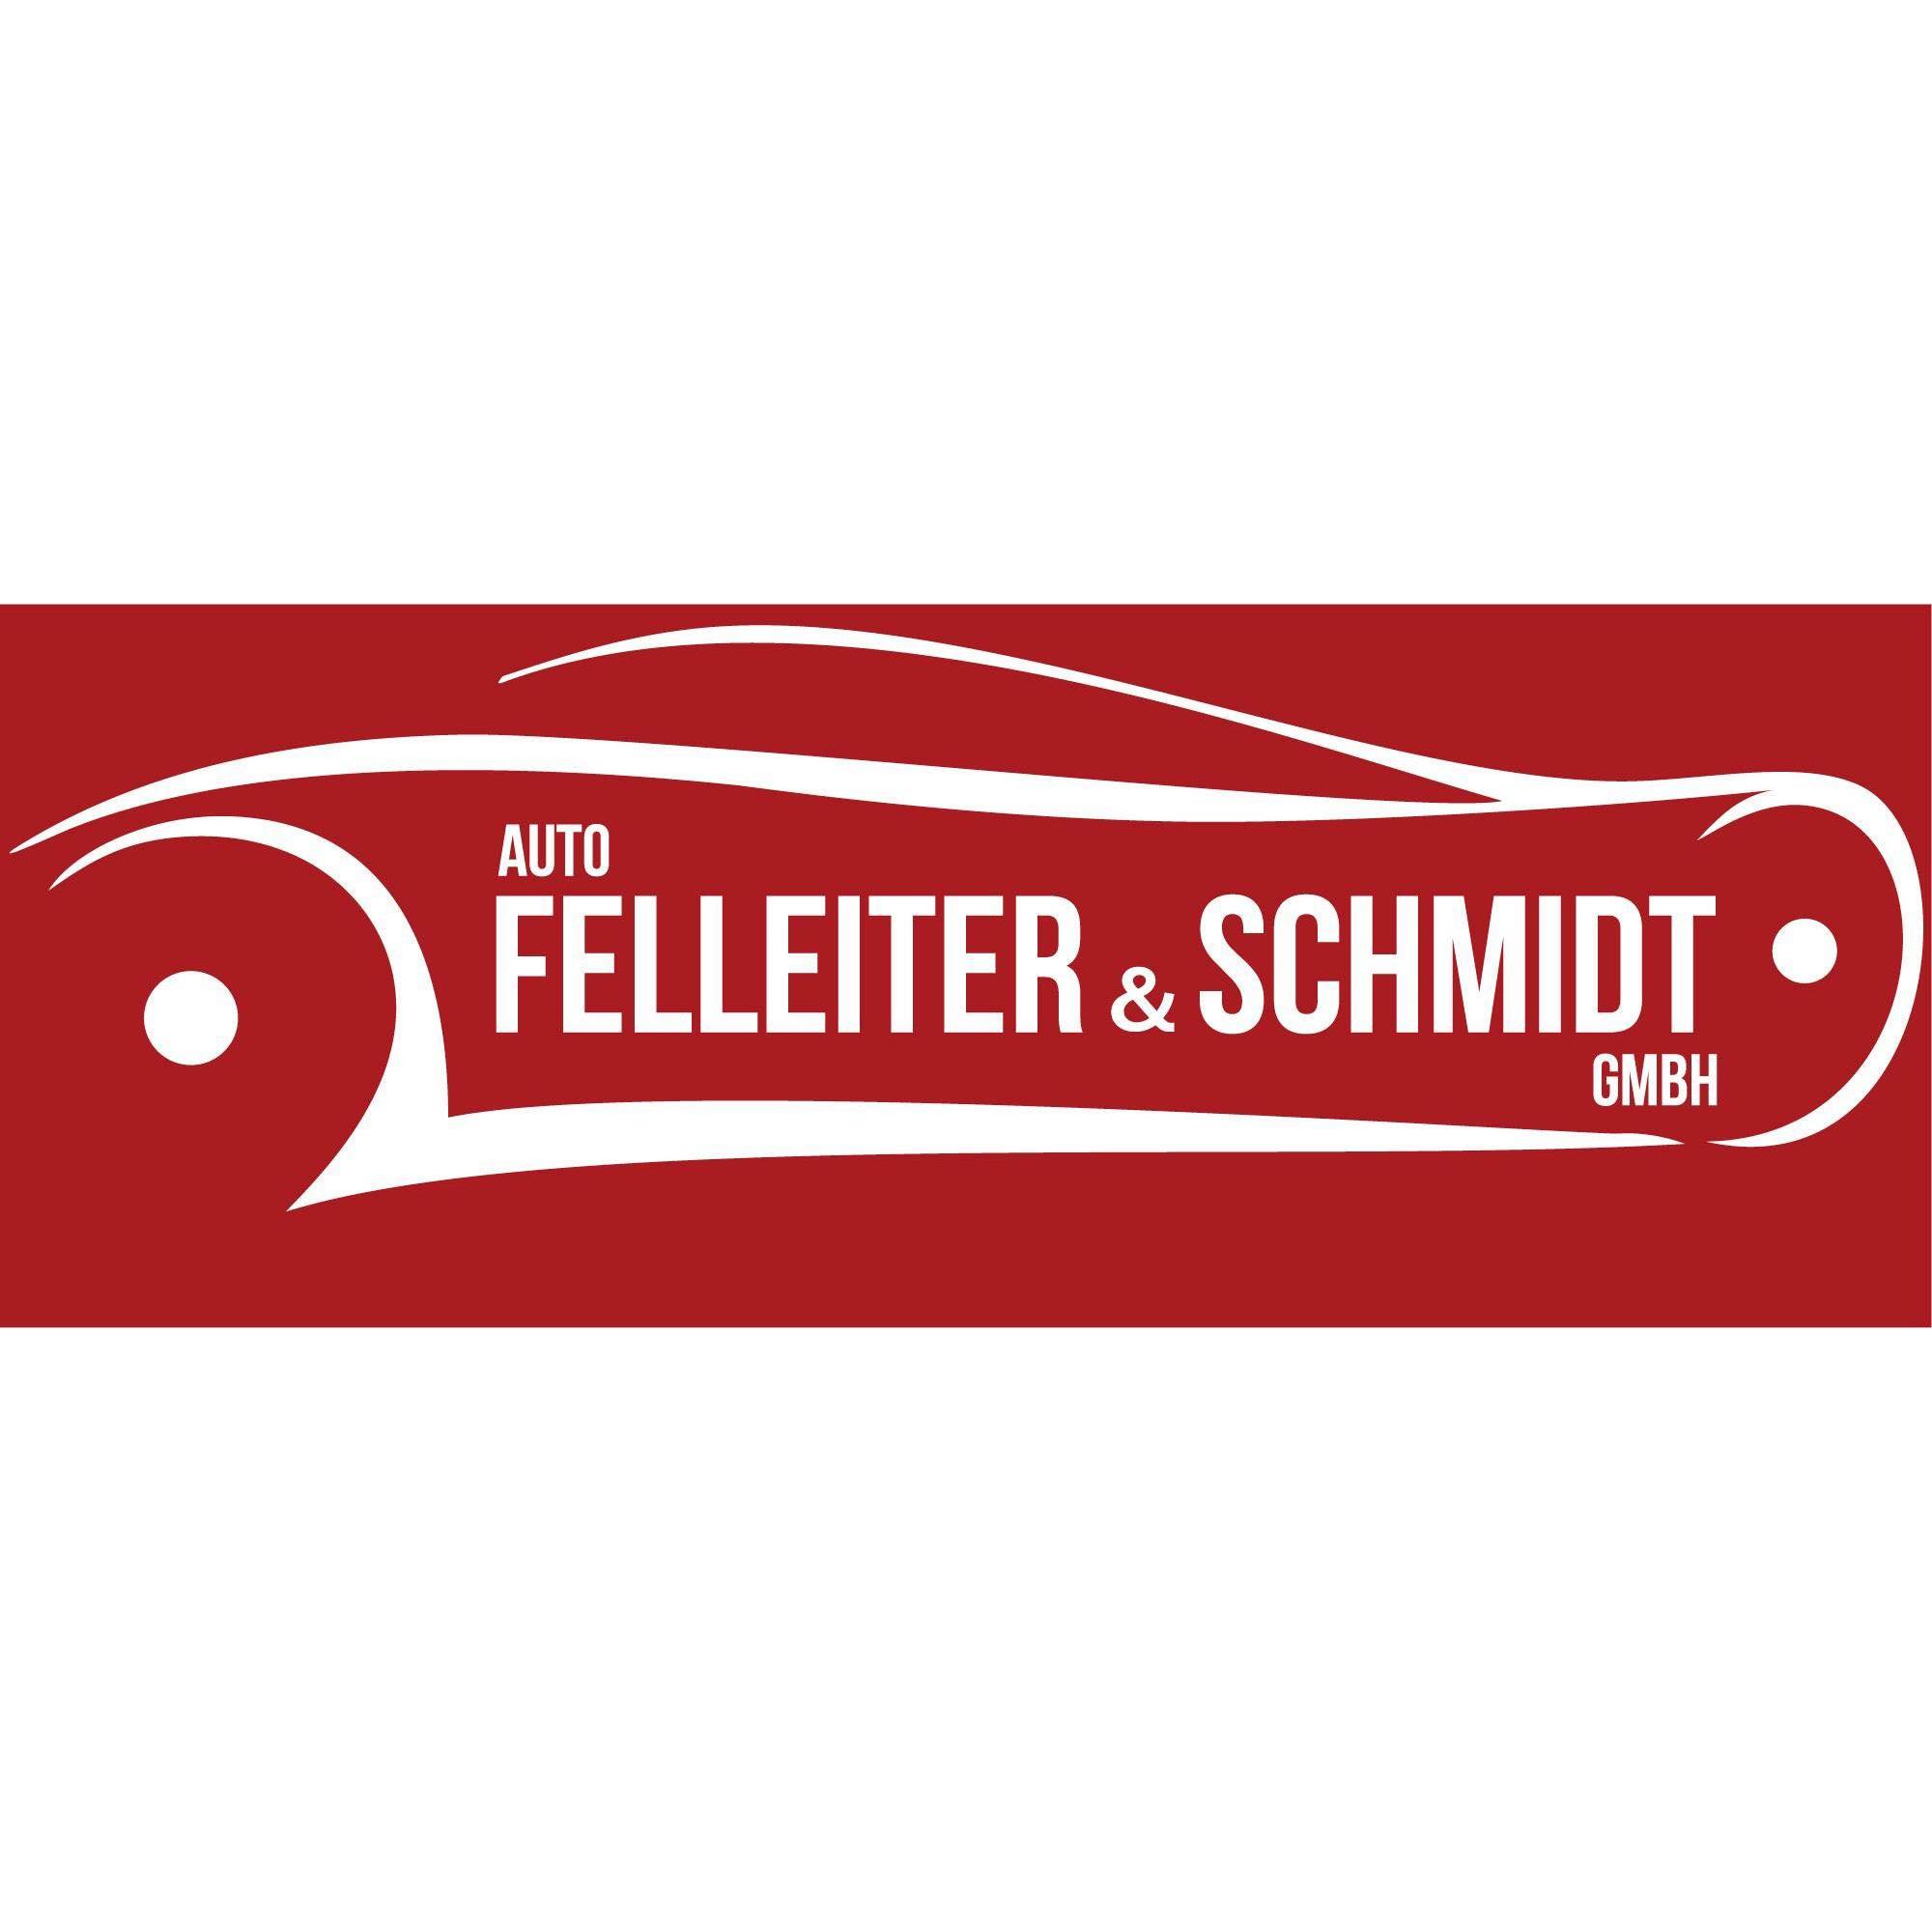 Logo von Auto Felleiter & Schmidt GmbH